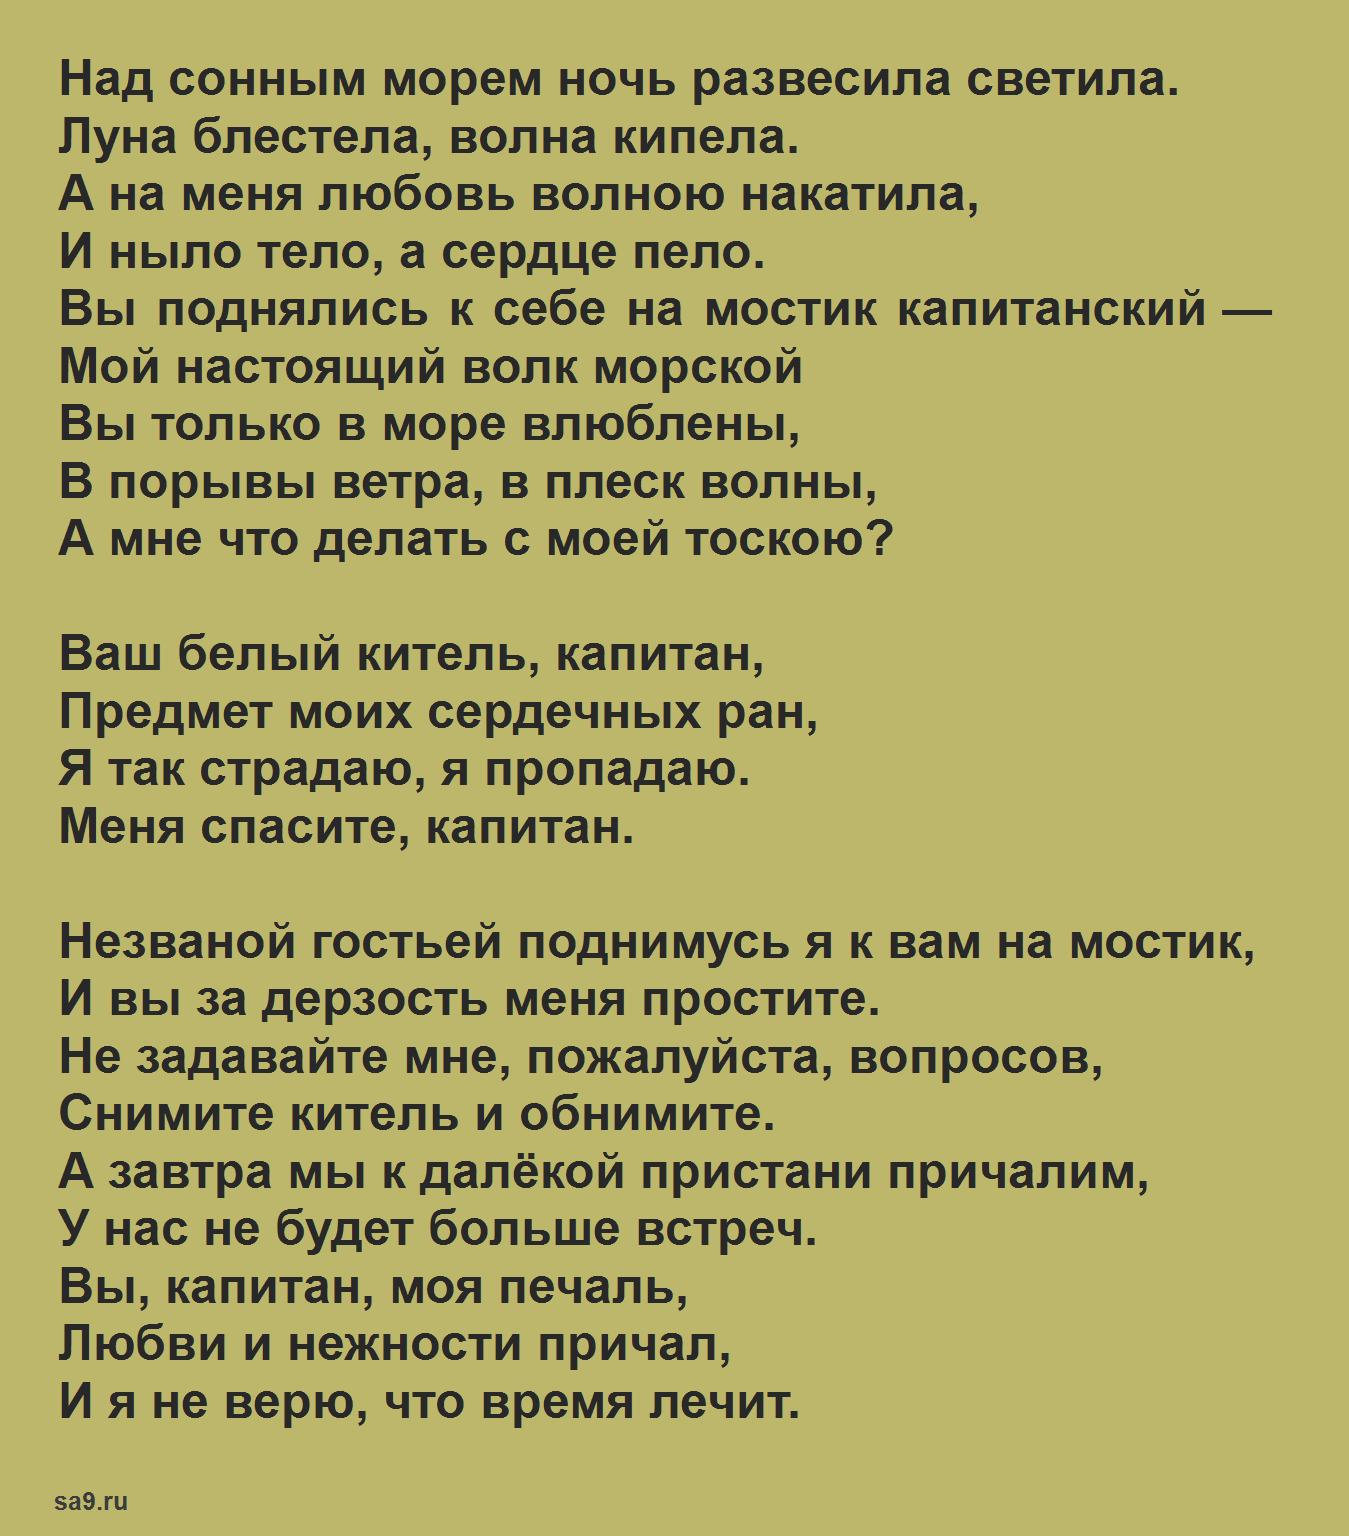 Стихи Рубальской - Белый китель